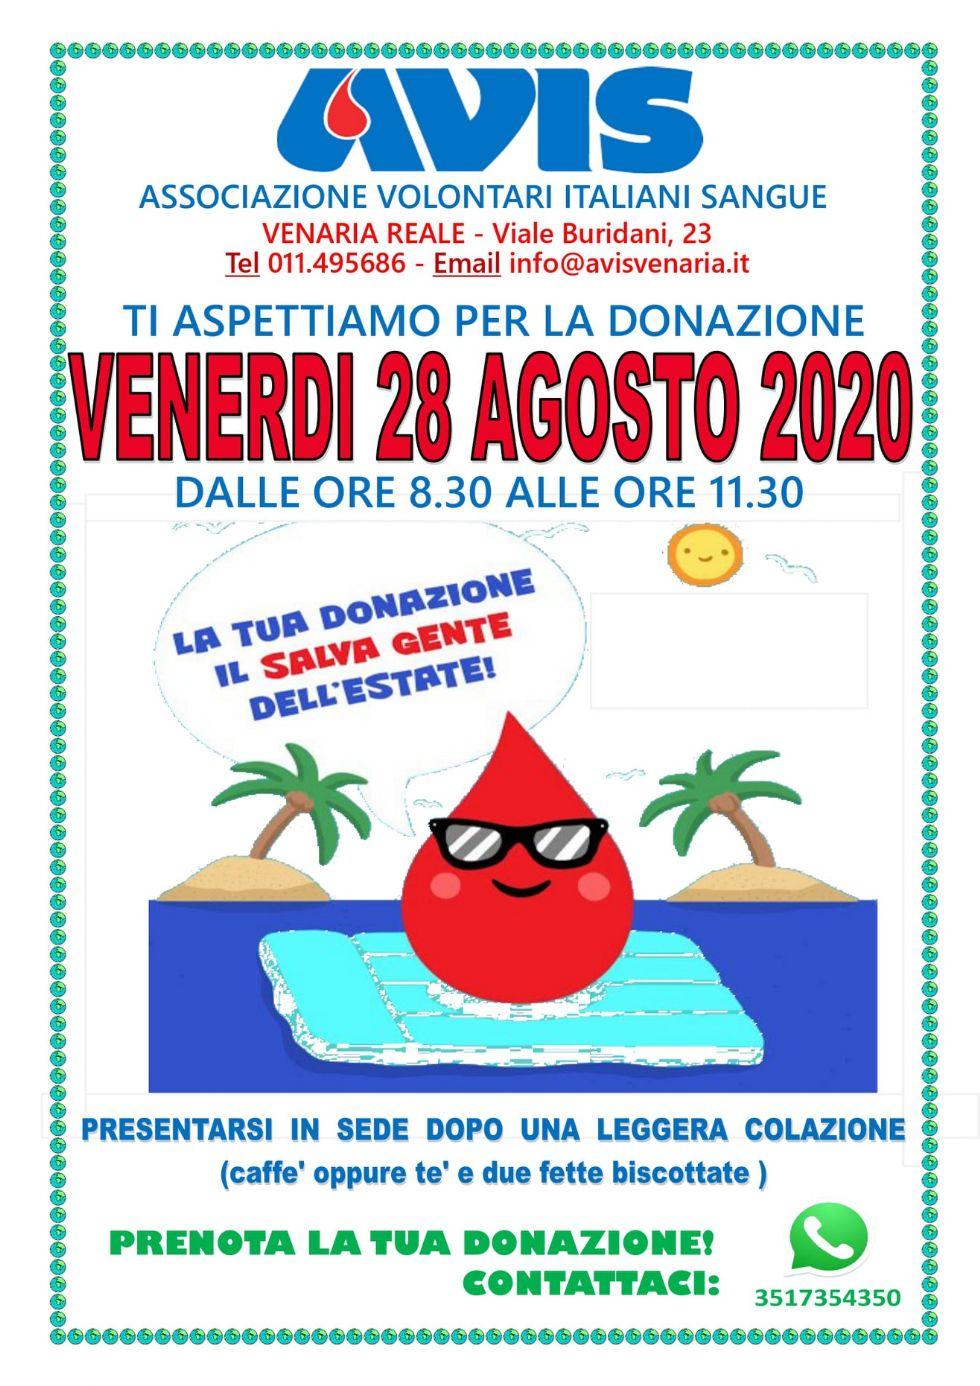 VENARIA - Venerdì 28 donazione mensile di sangue all'Avis